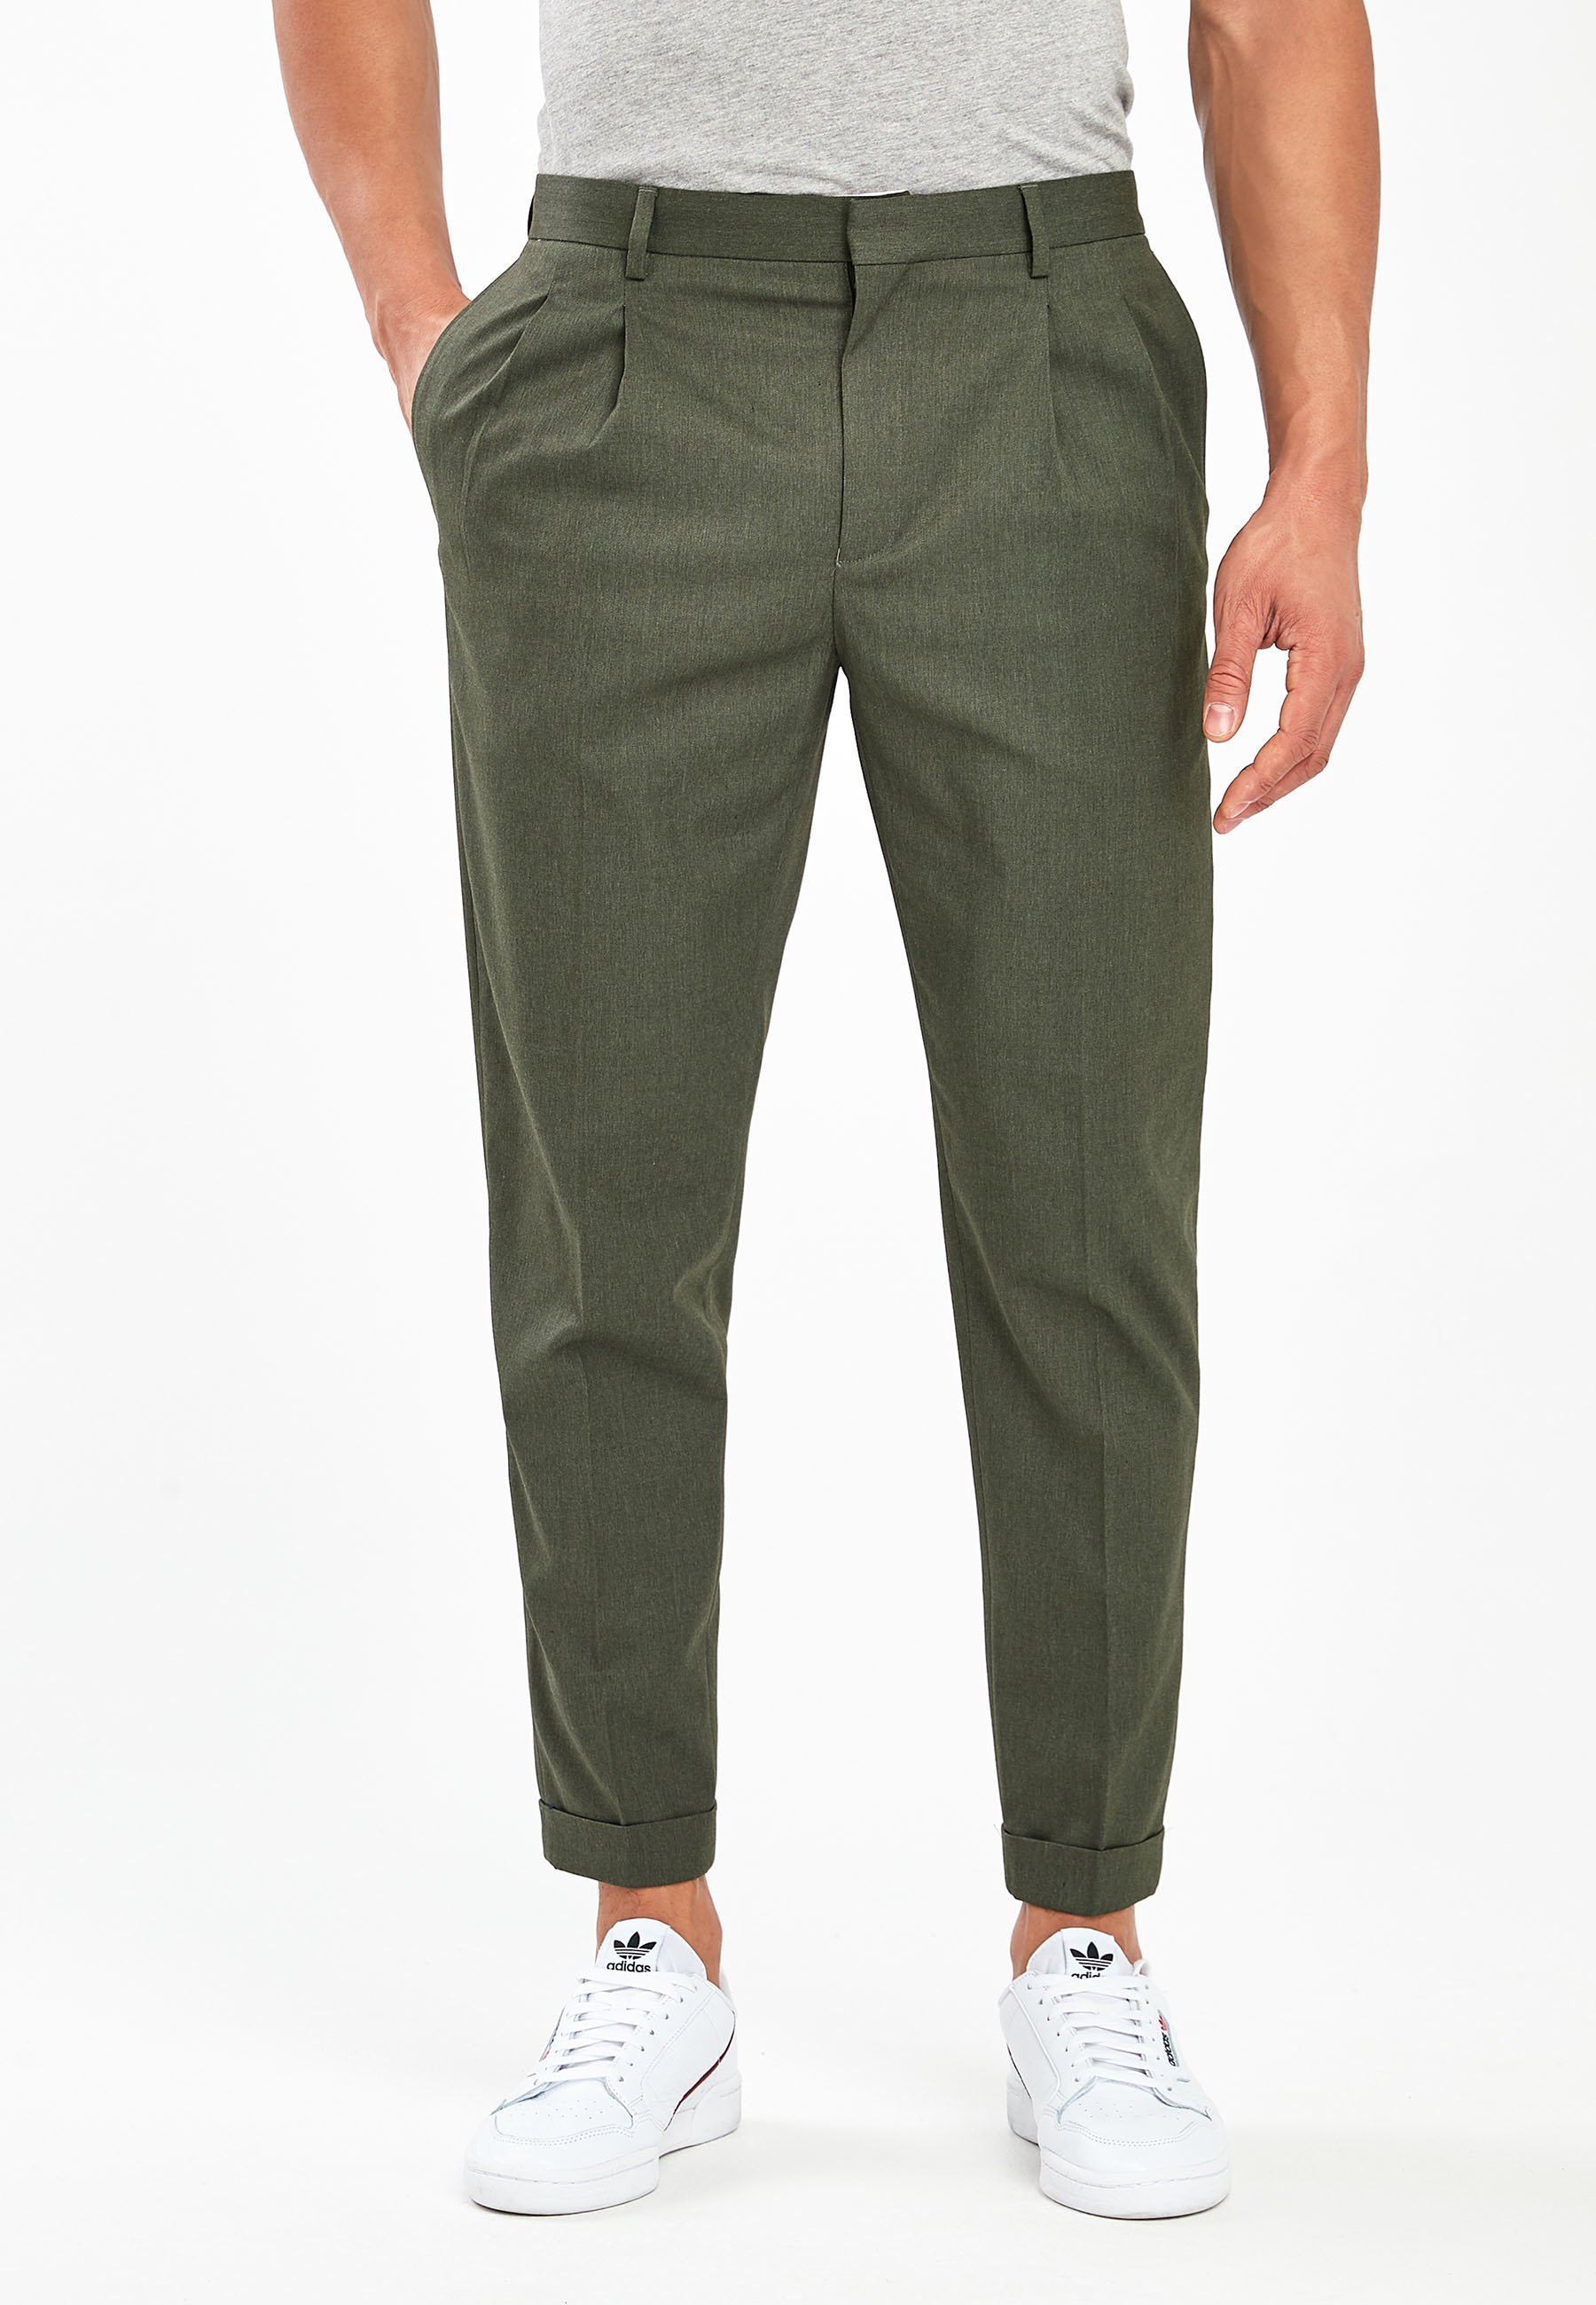 Homme KHAKI FASHION PLEAT FIT TWIN PLEAT FORMAL TROUSERS - Pantalon classique